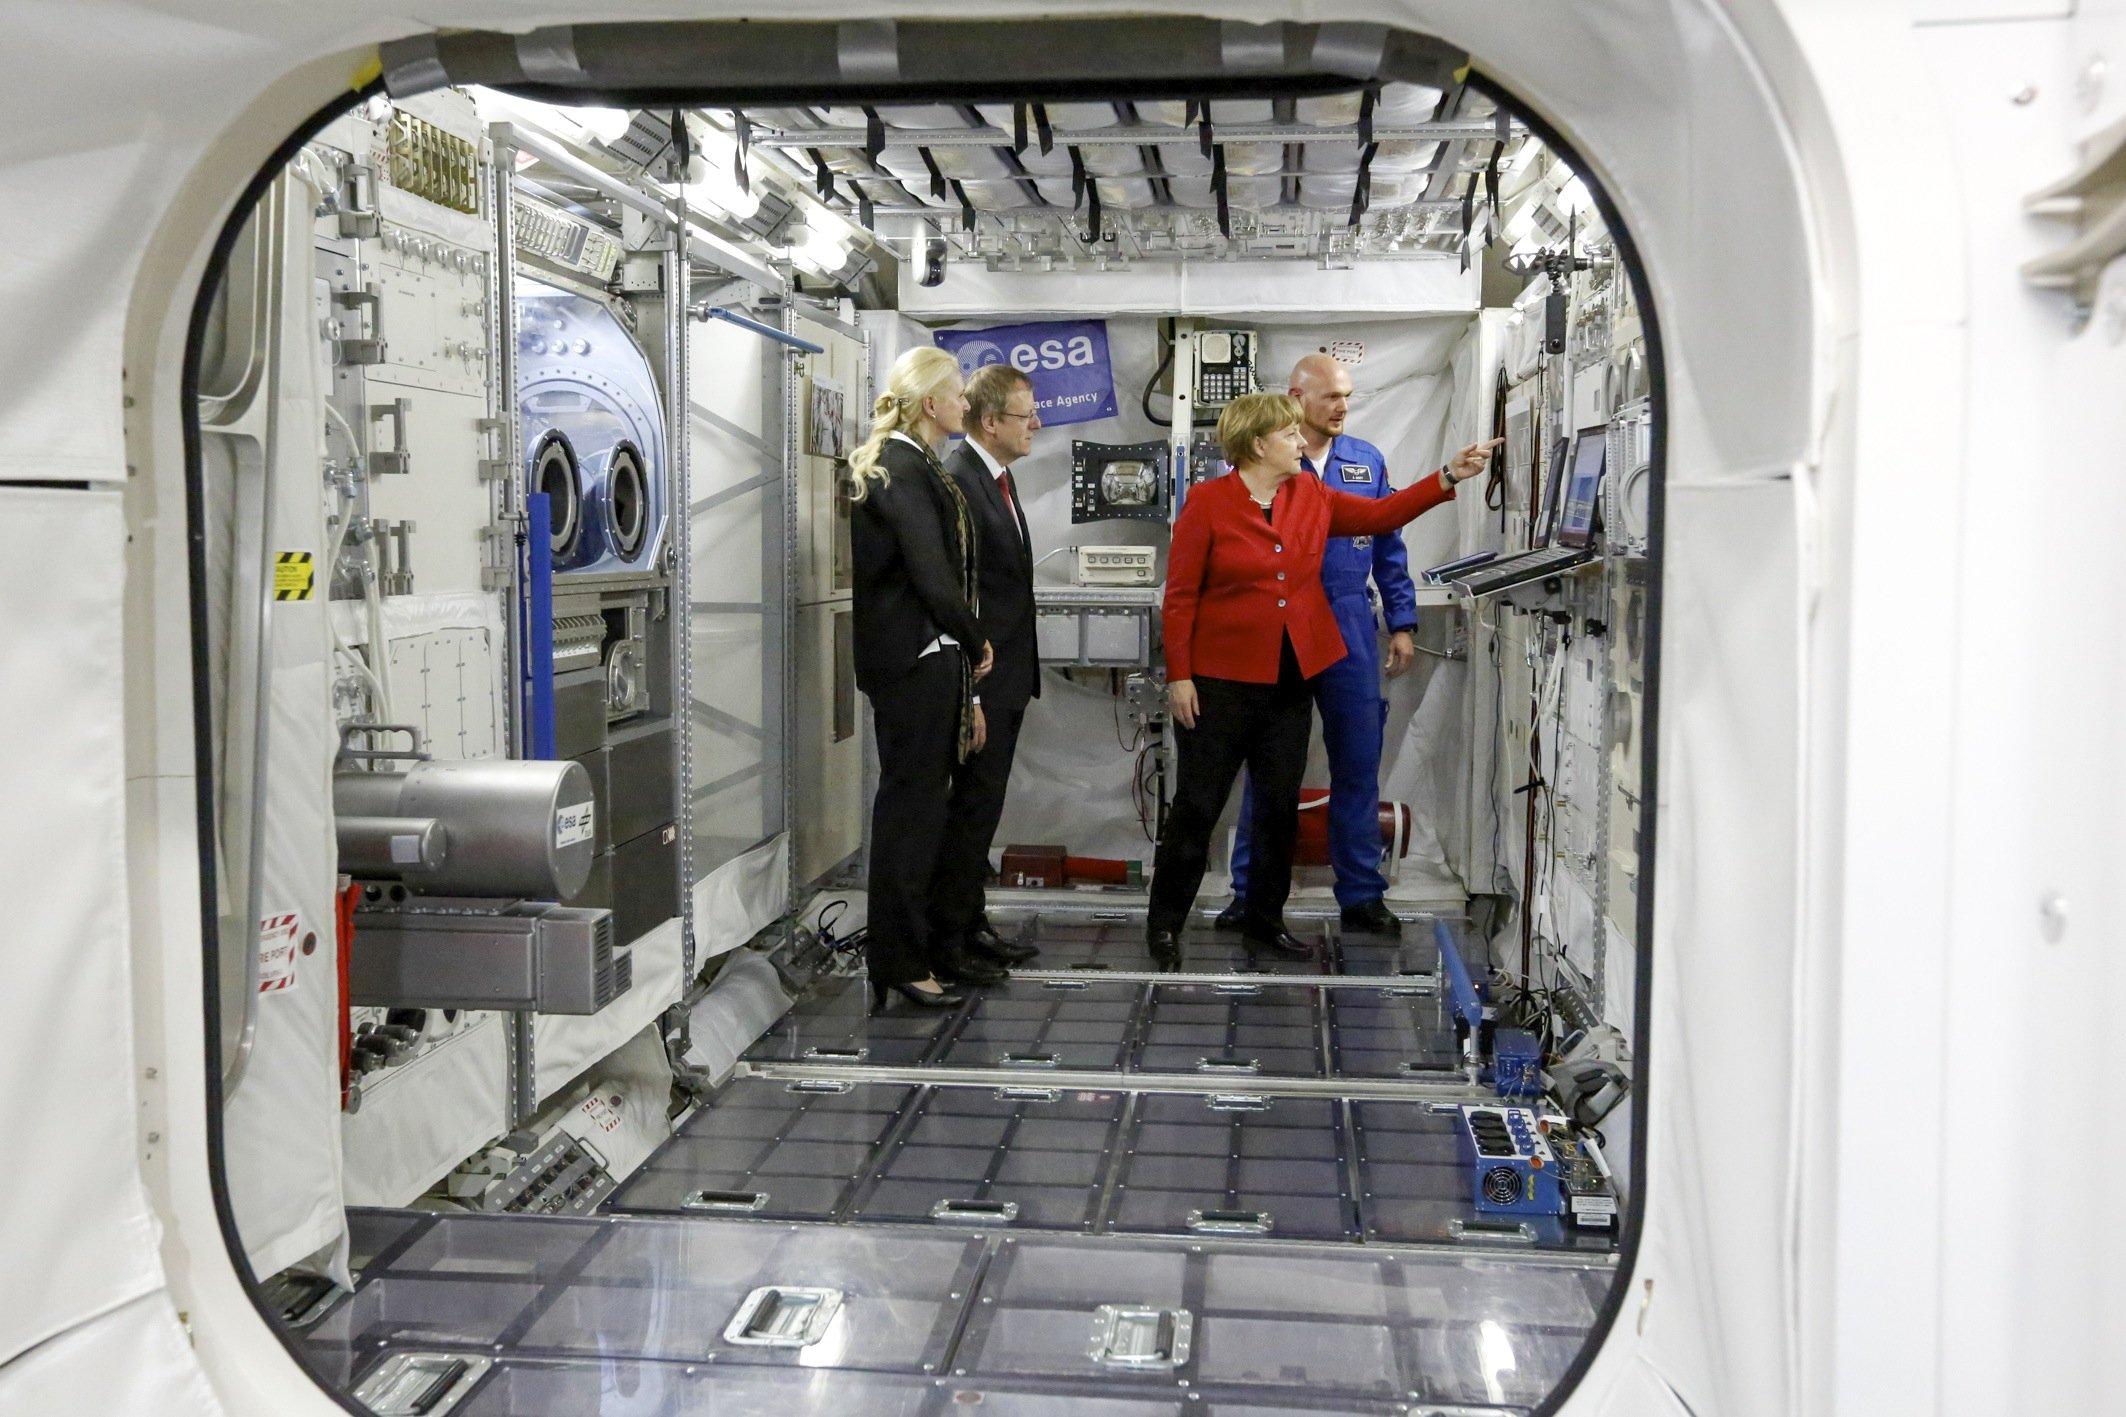 Bundeskanzlerin Angela Merkel und Astronaut Alexander Gerst inspizieren einen Nachbau der ISS im Astronautenzentrum in Köln: 2018 wird der inzwischen 40-jährige Deutsche wieder auf der echten ISS im All stationiert sein – drei Monate lang als Kommandant.